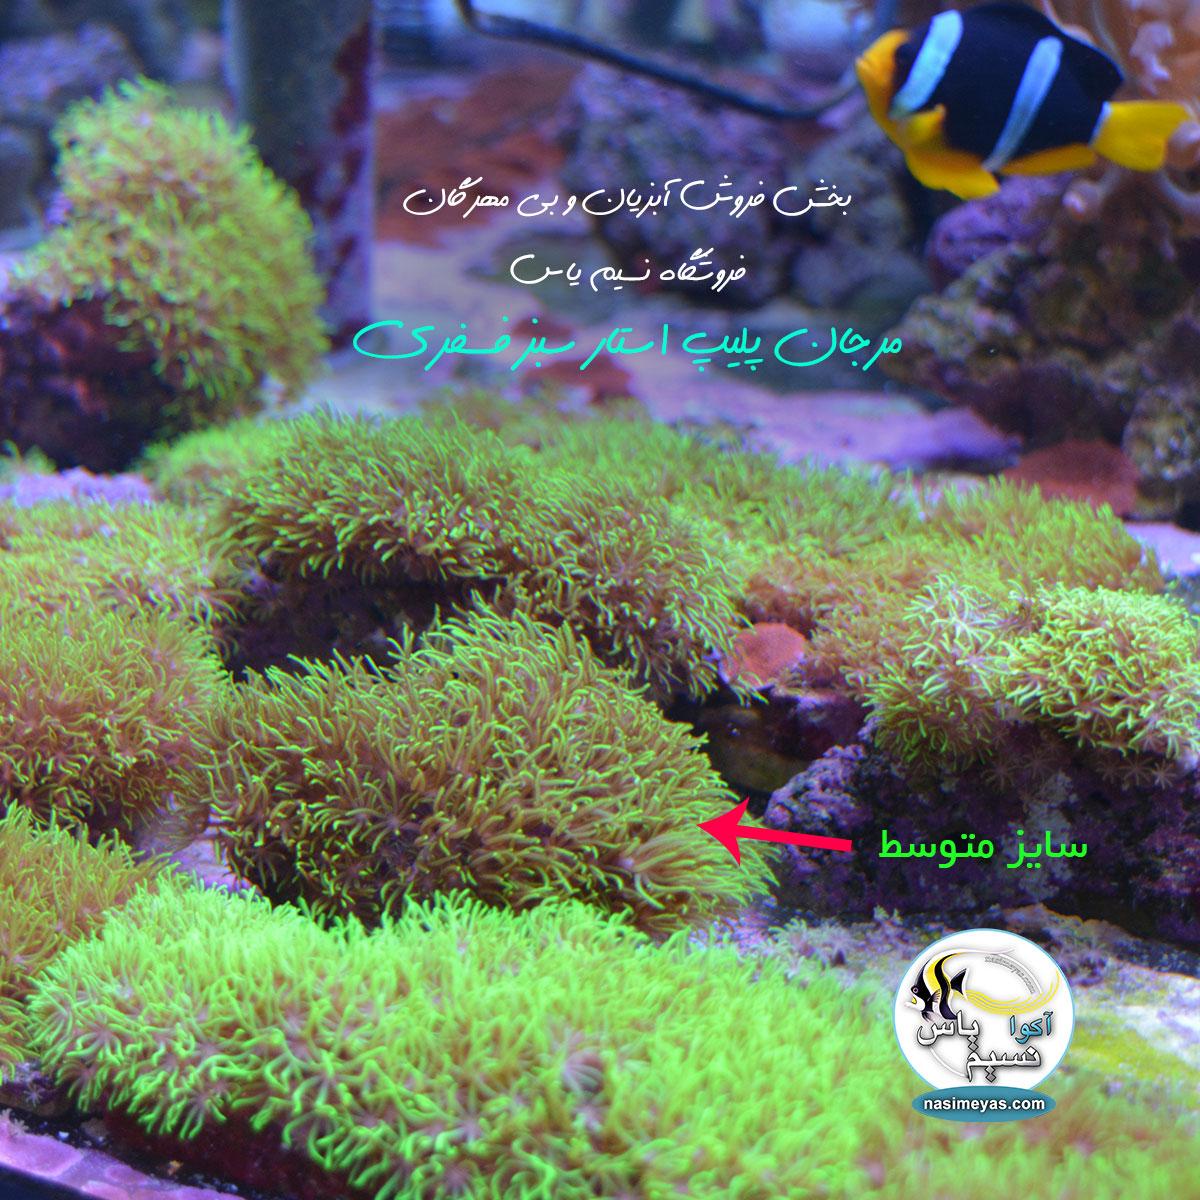 فروش مرجان پولیپ استار سبز فسفری